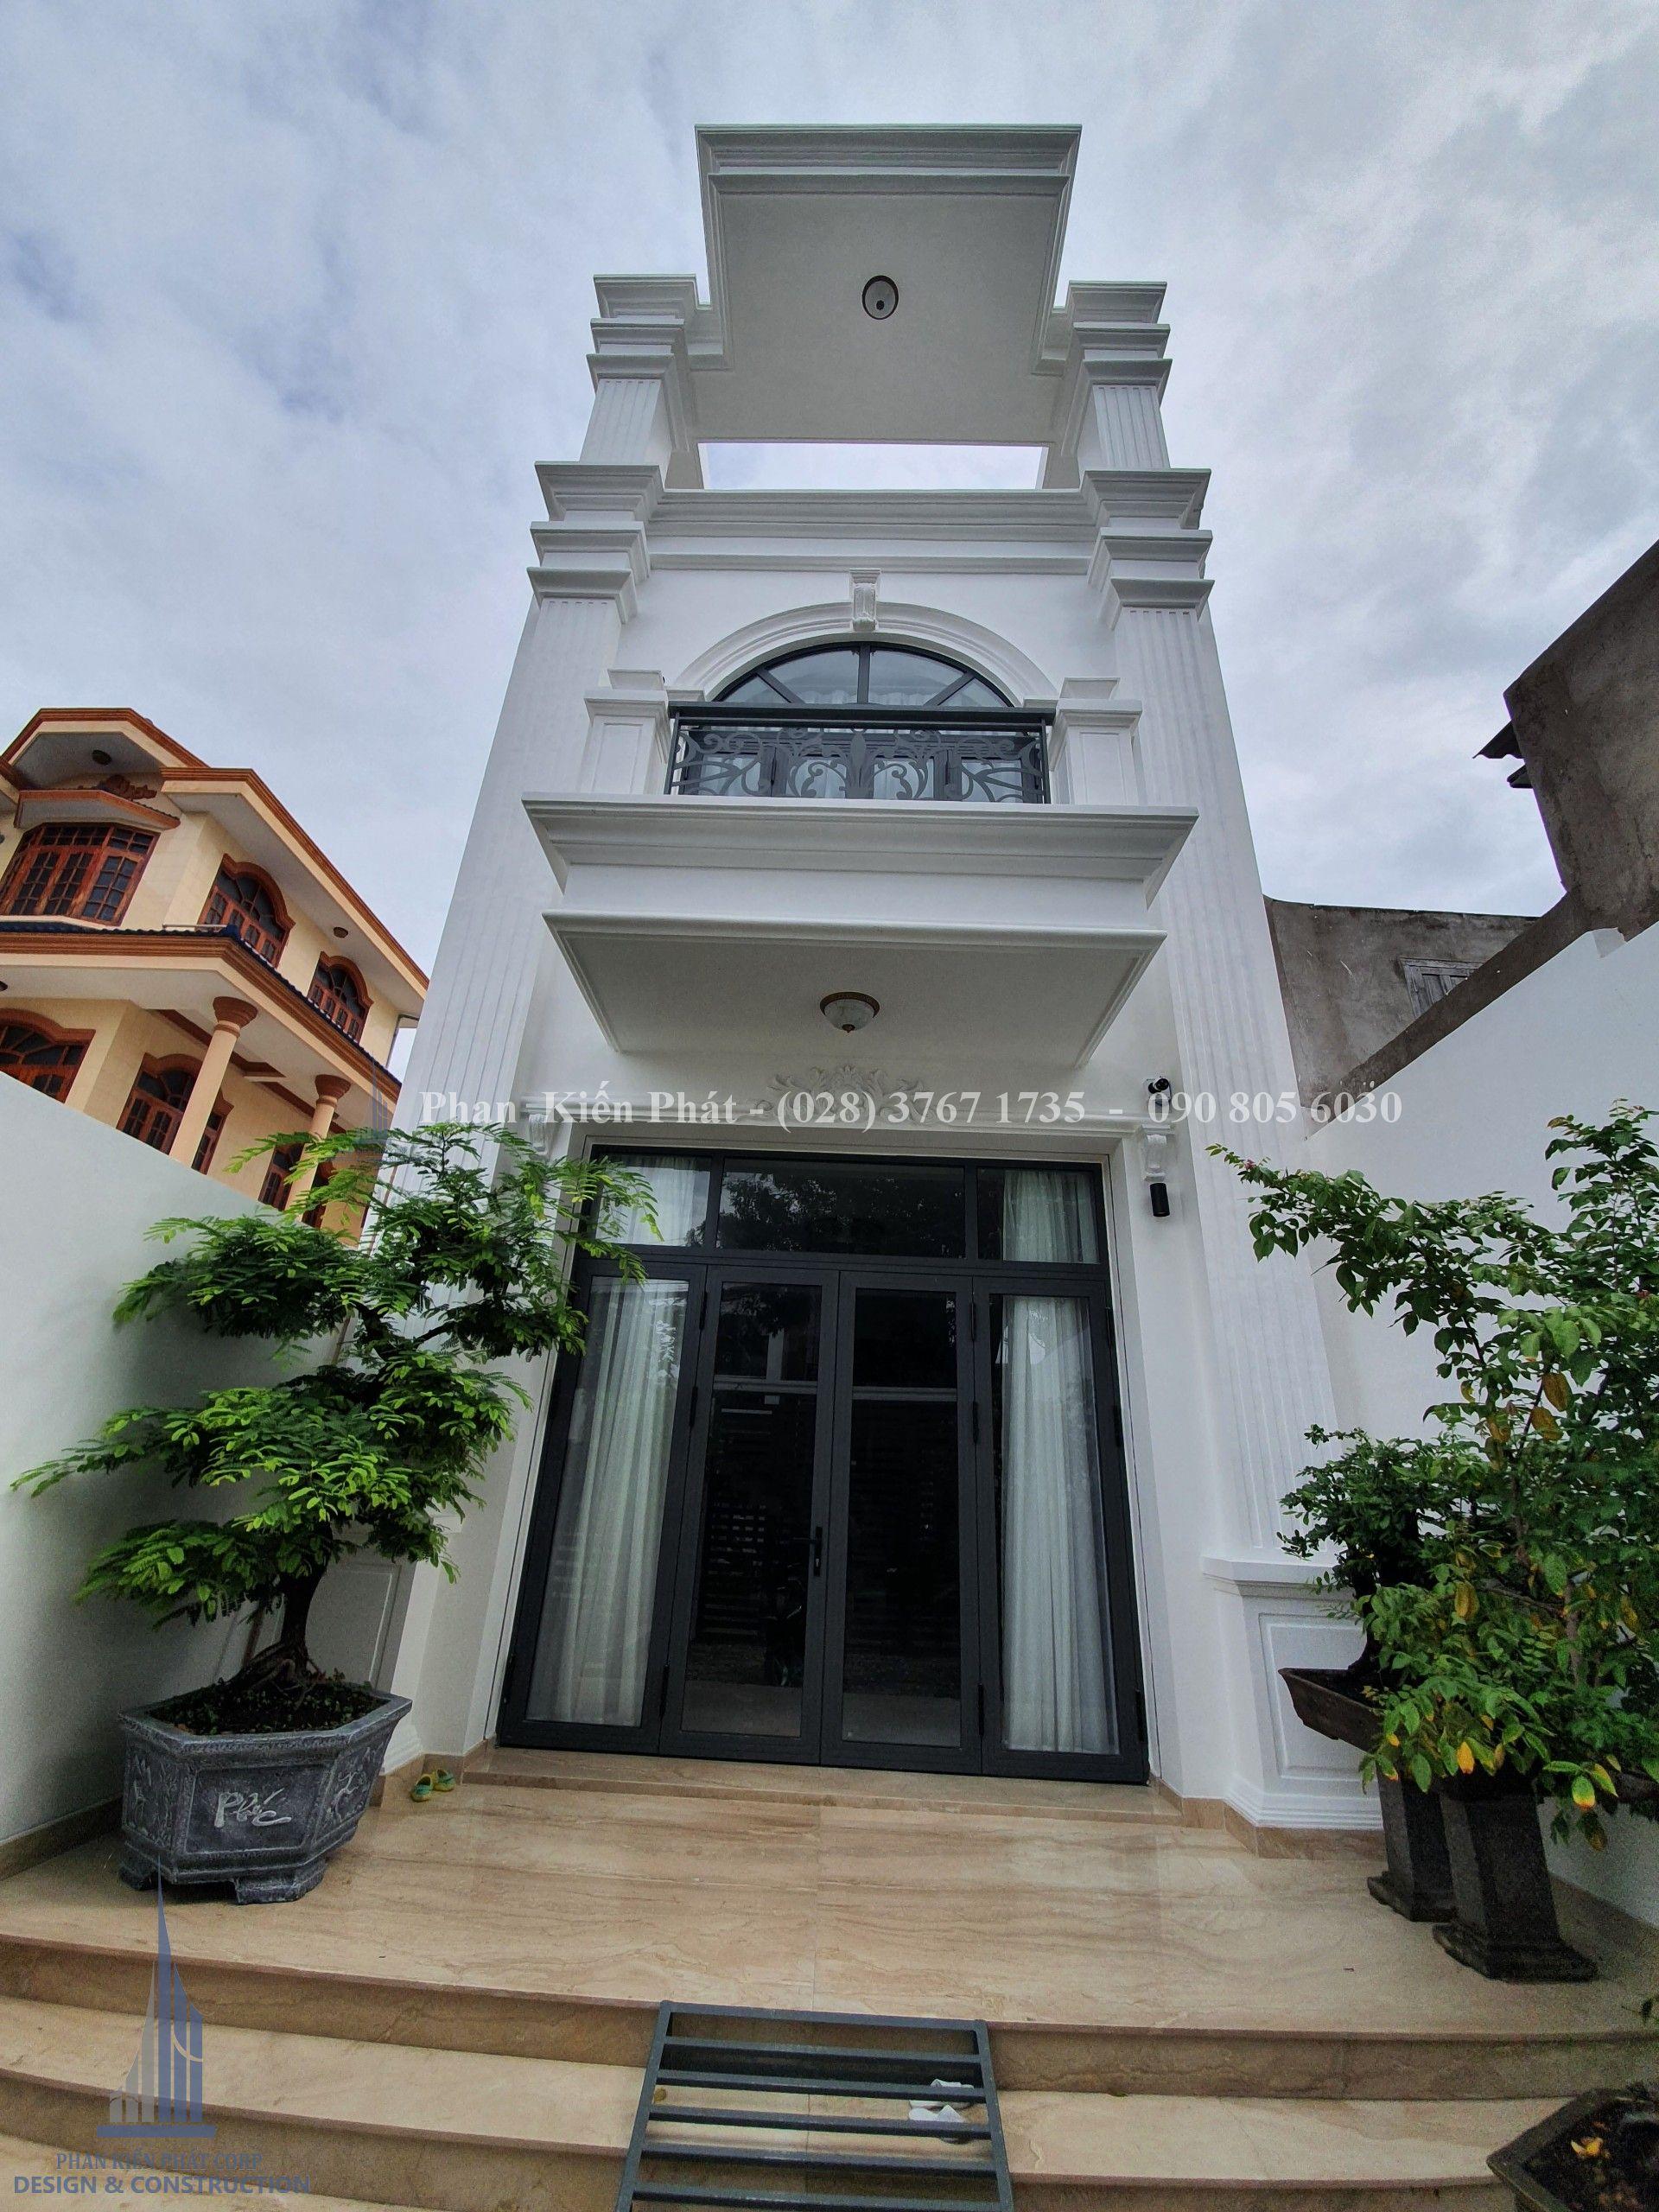 Thi công nhà trọn gói - nhà phố tân cổ điển 3 tầng - nhà anh Hòa